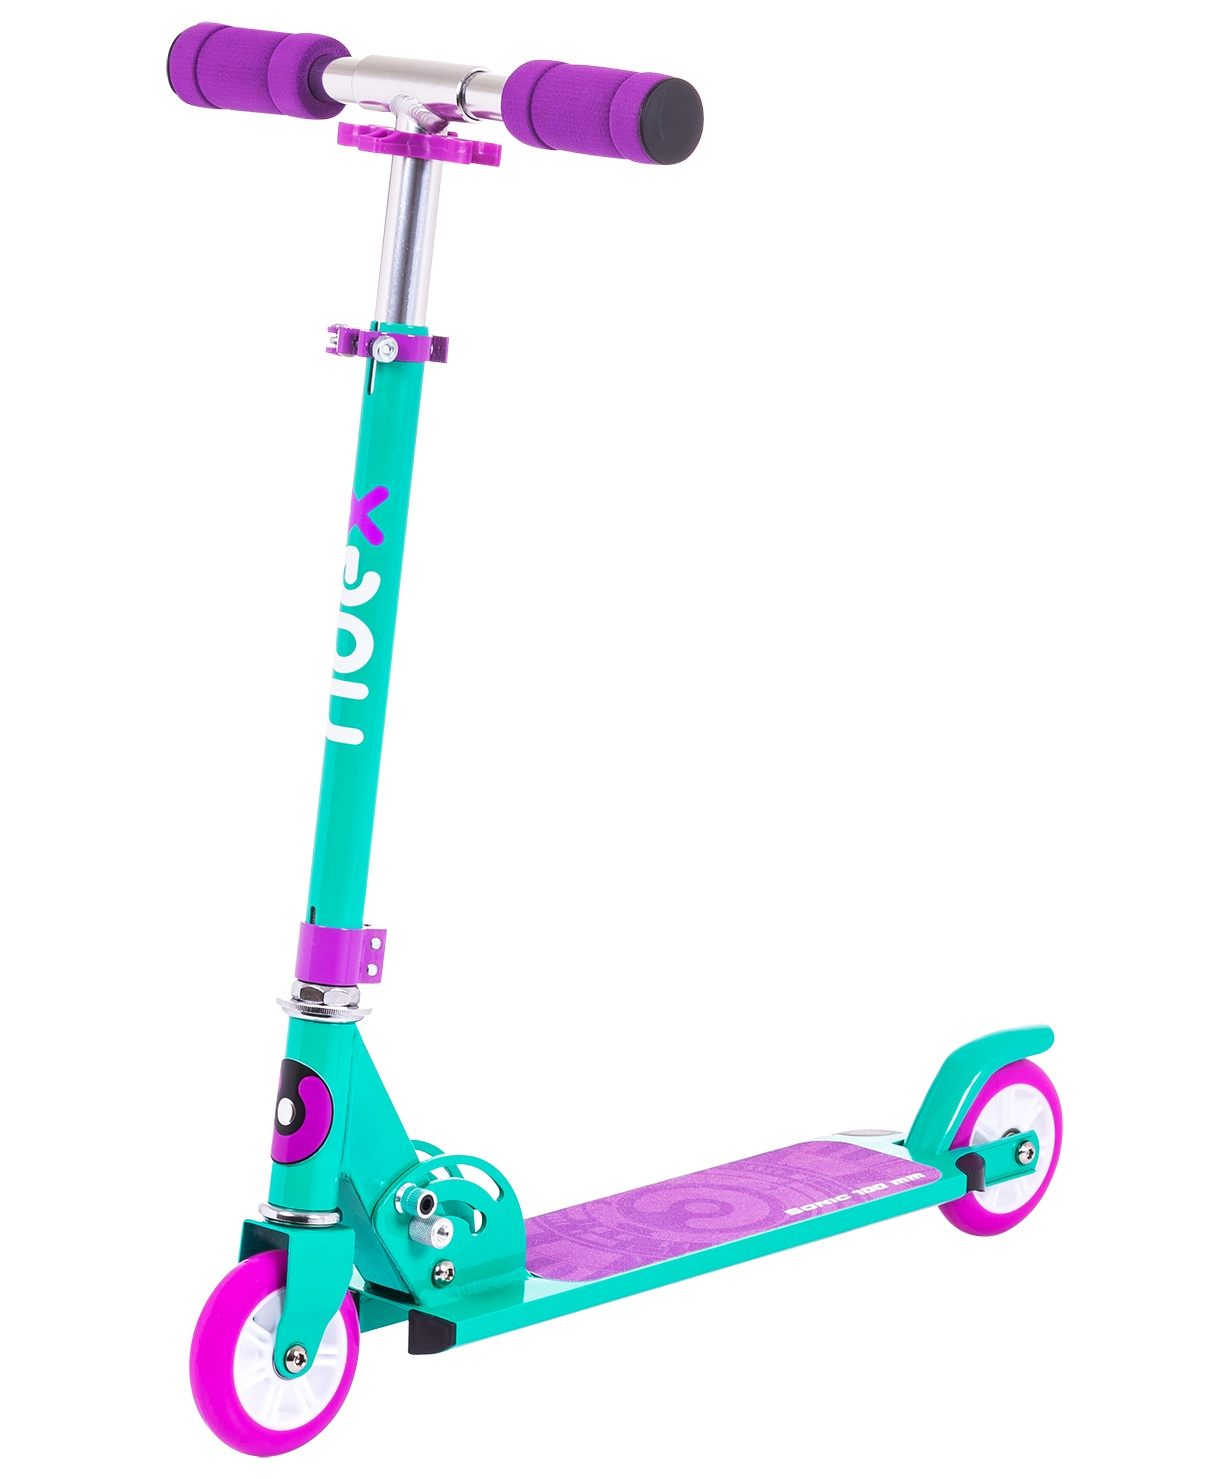 Самокат Ridex 2-колесный Sonic 100 мм, фиолетовый самокат ridex syndicate 2 колесный цвет красный